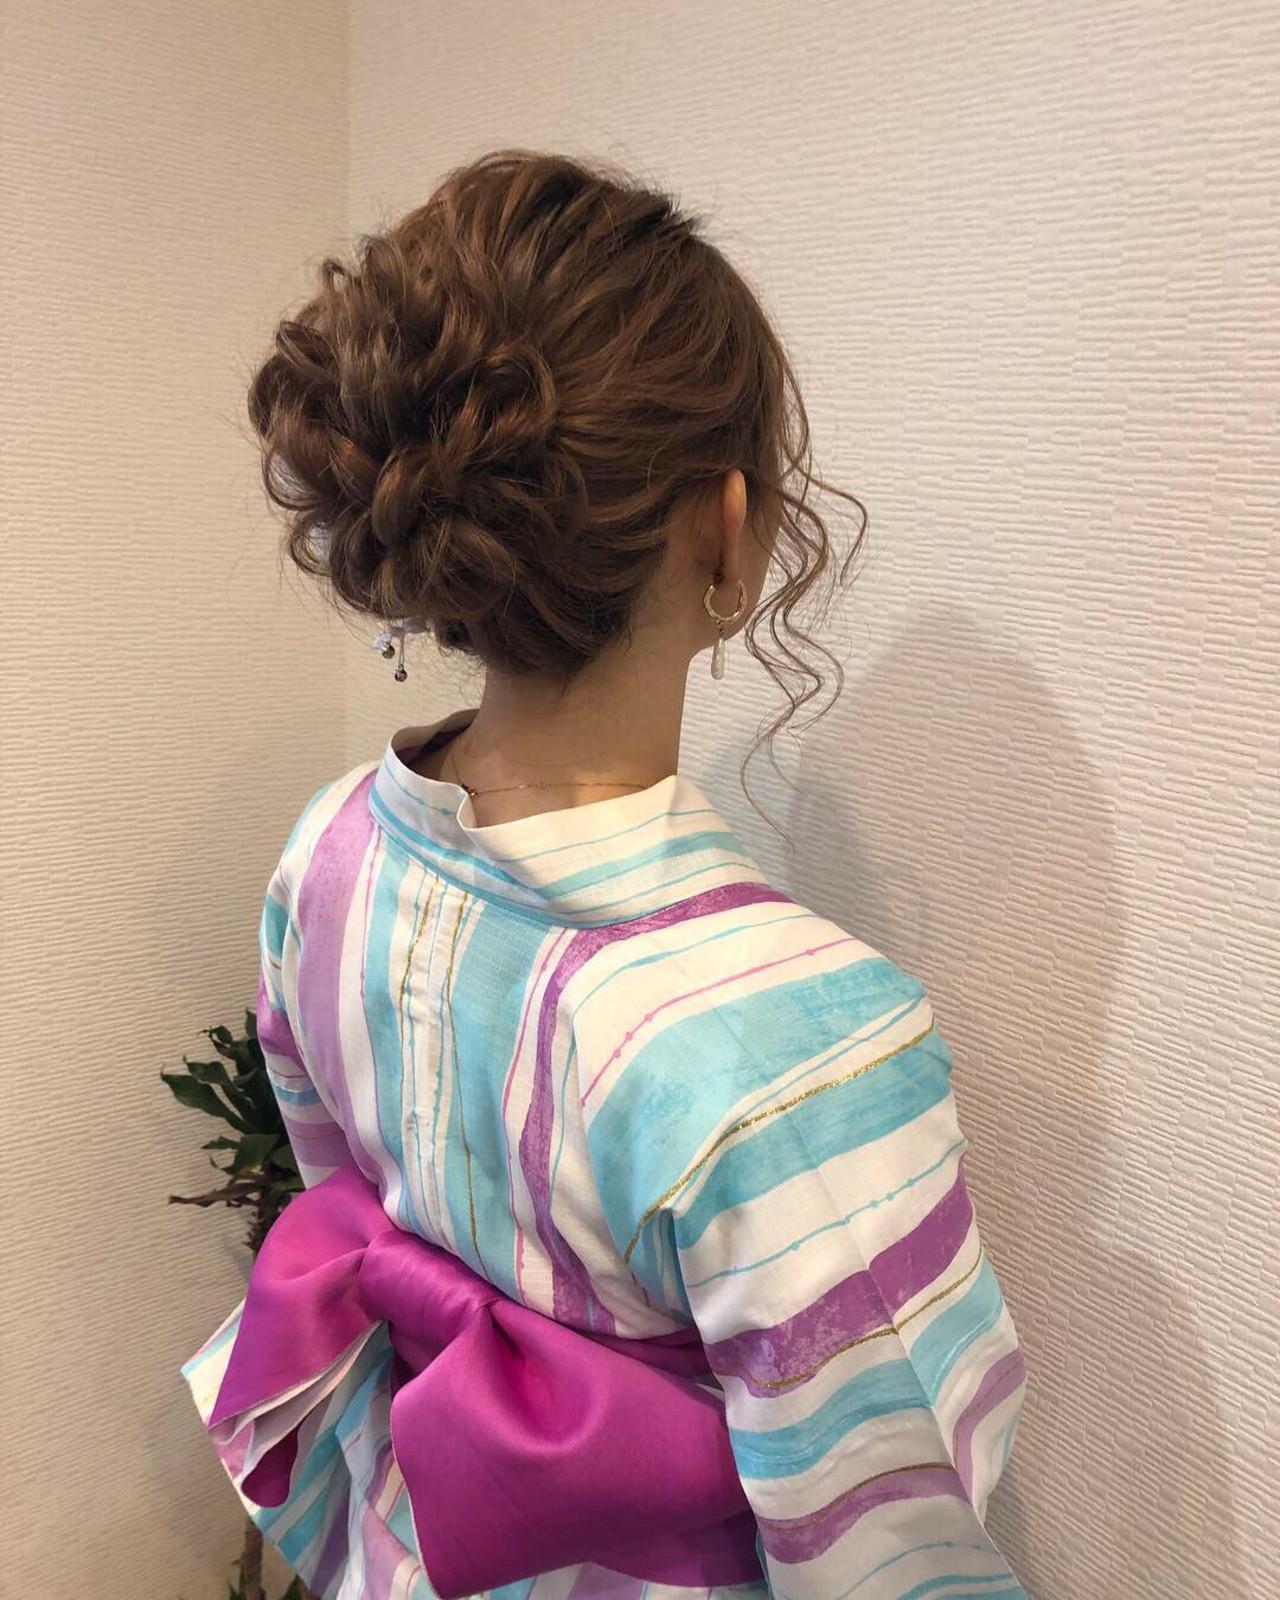 ふんわり可愛くなれるミディアムヘアの袴用アレンジ maiHAIR SALON STELLA